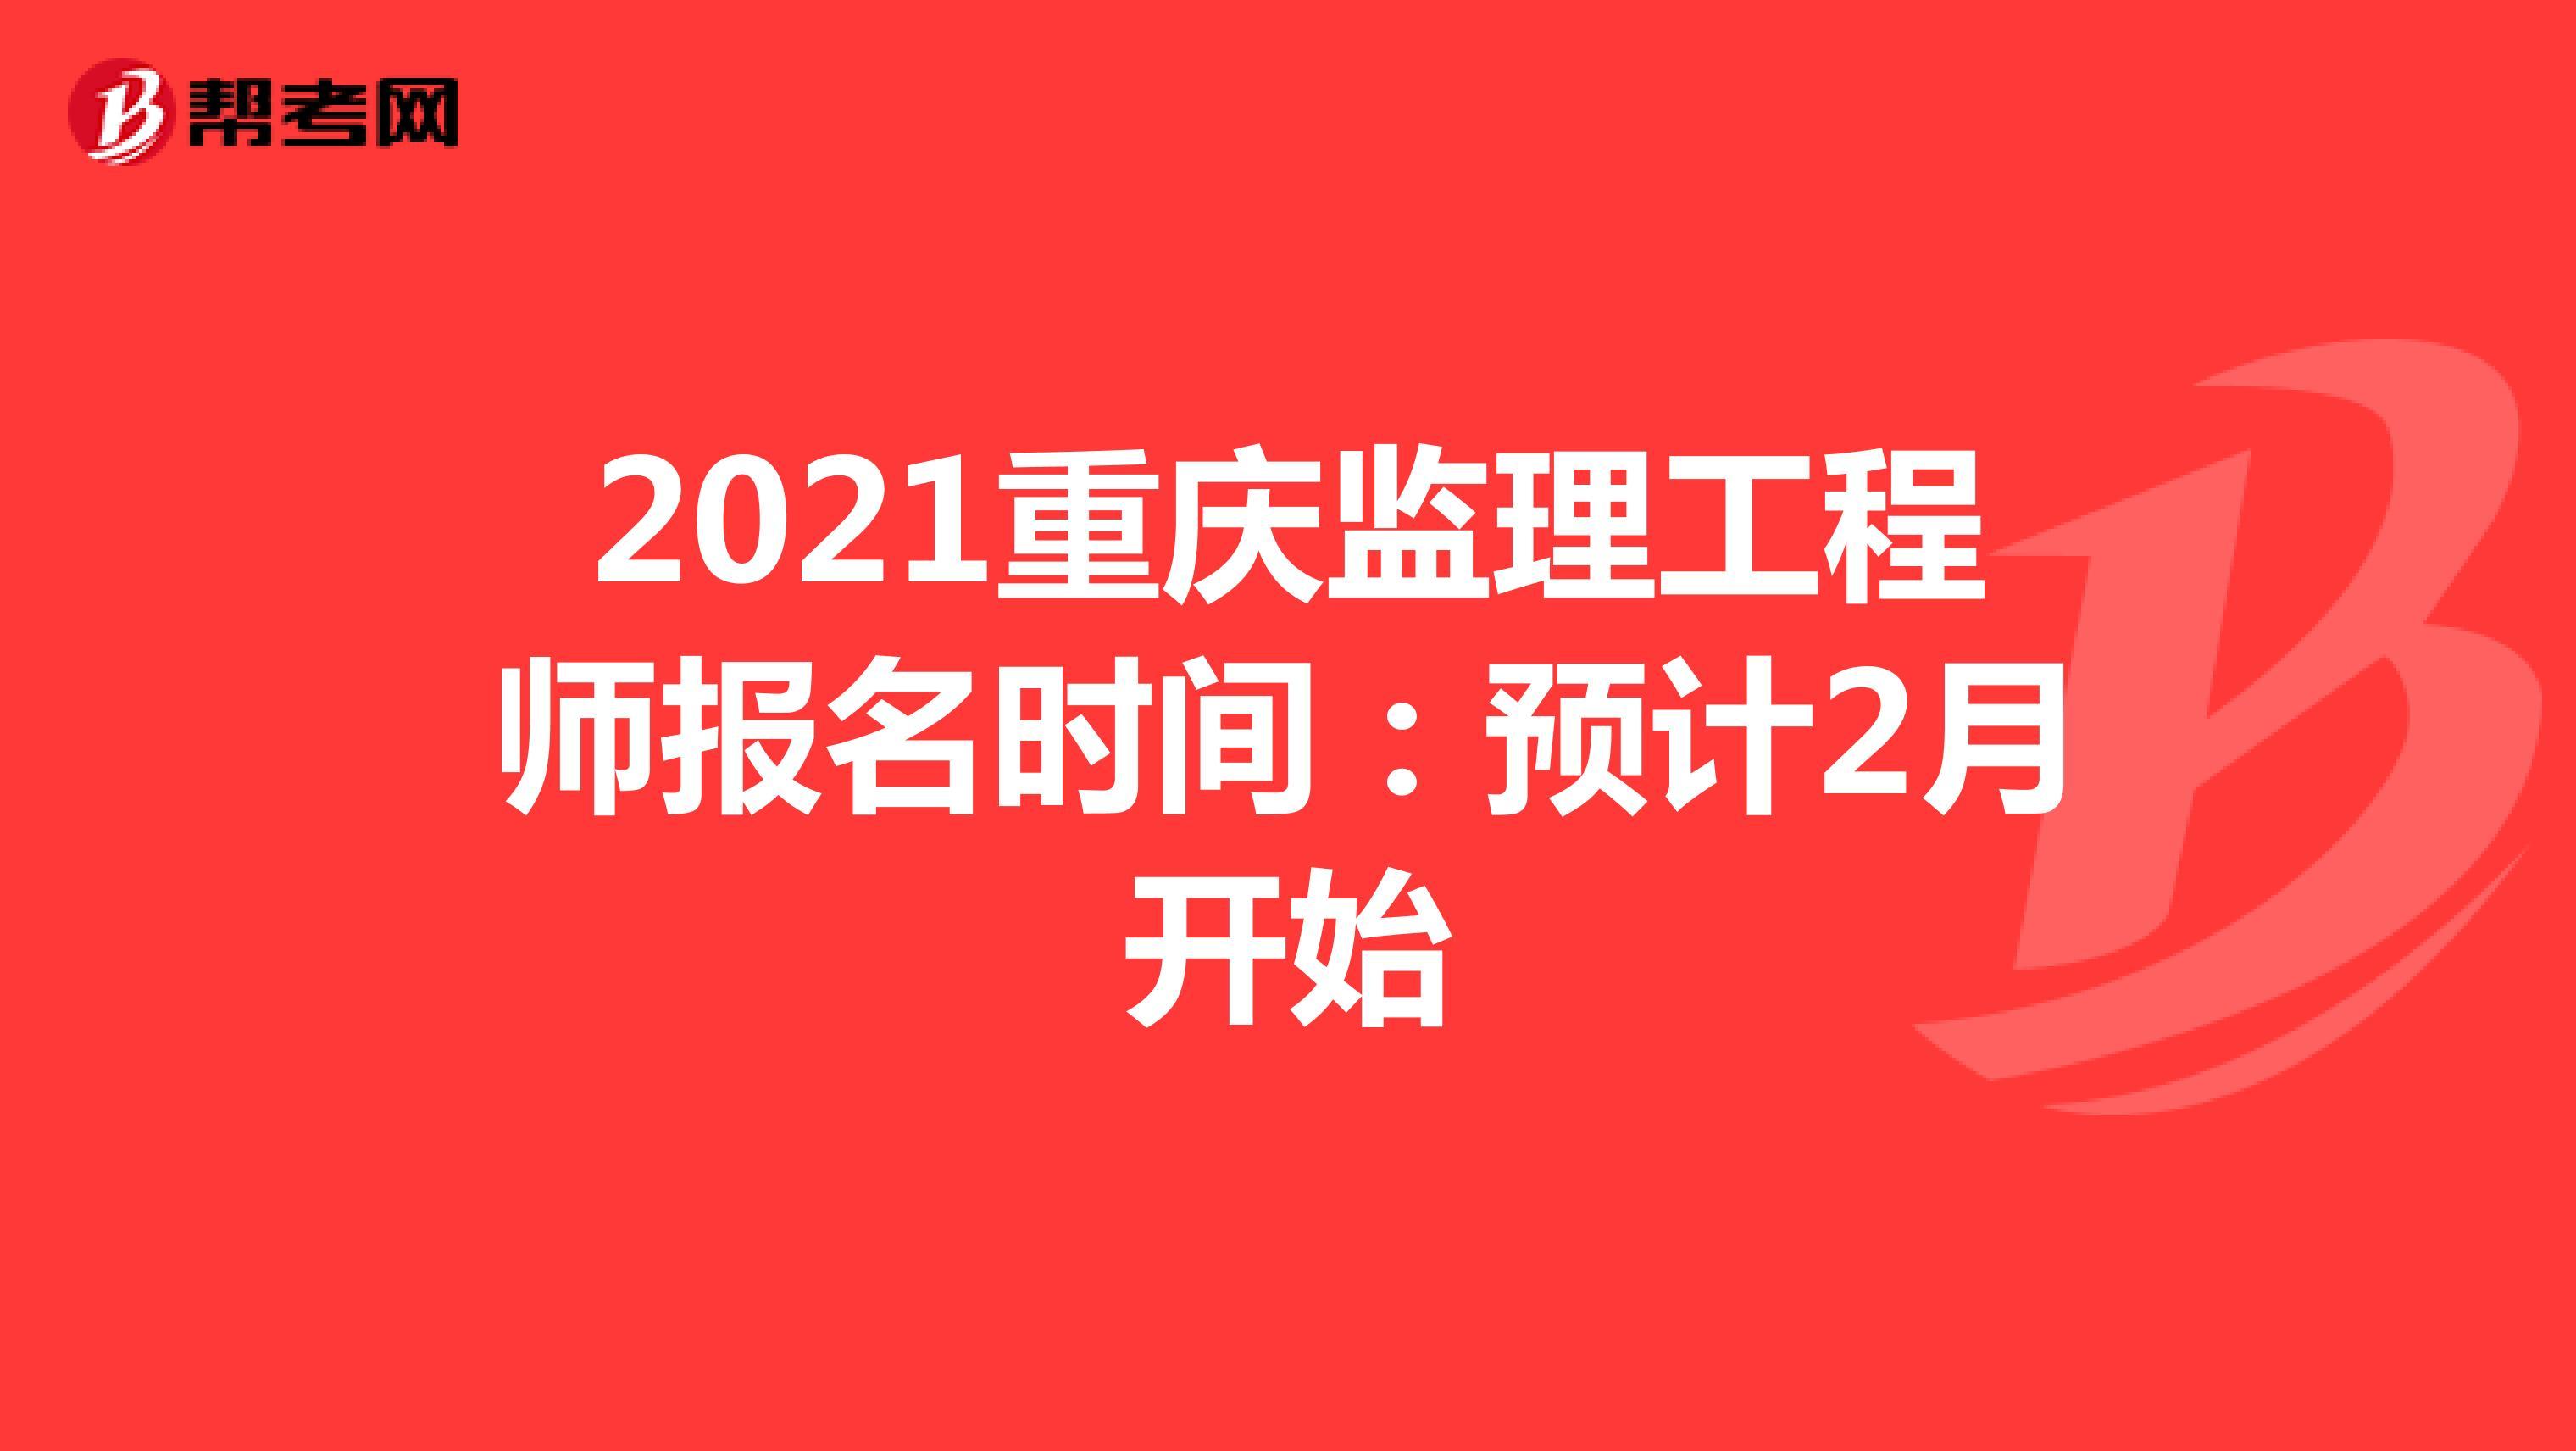 2021重庆监理工程师报名时间:预计2月开始